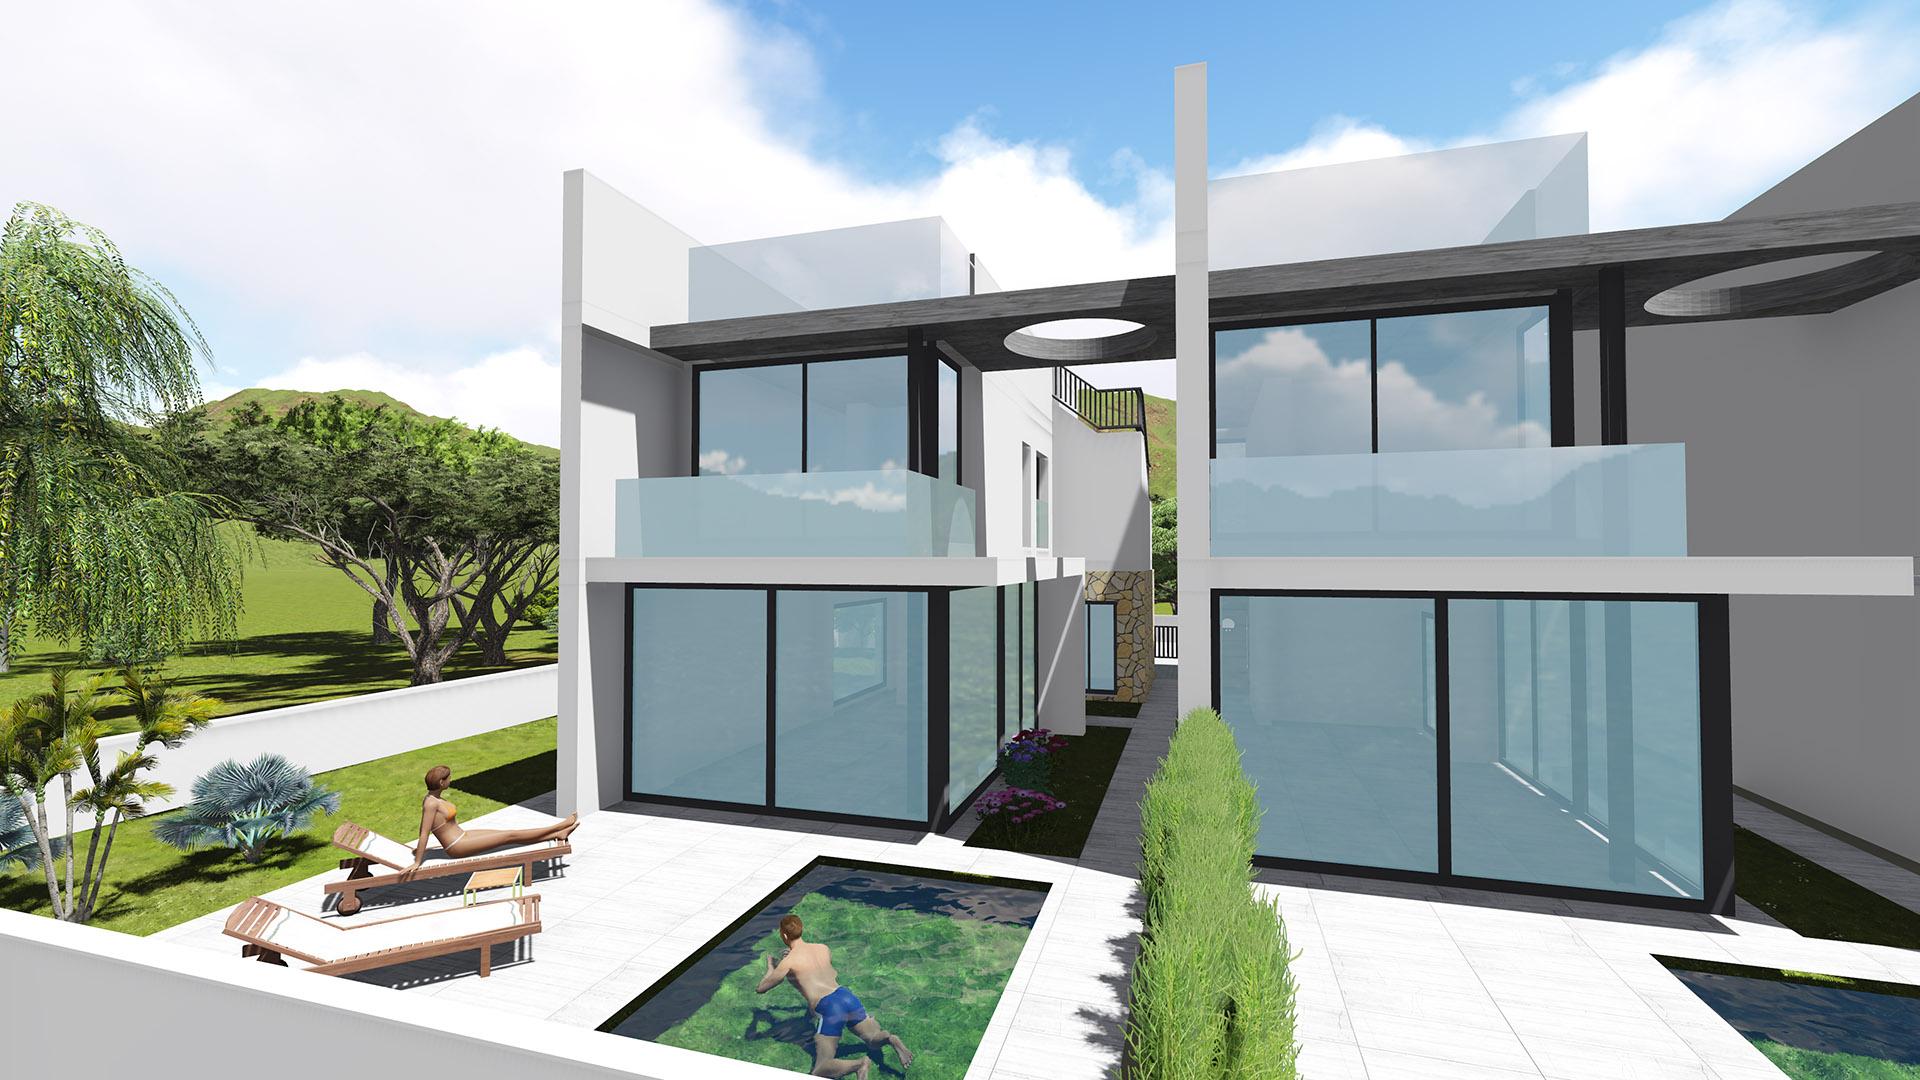 chalet-diseno-3d-fachada